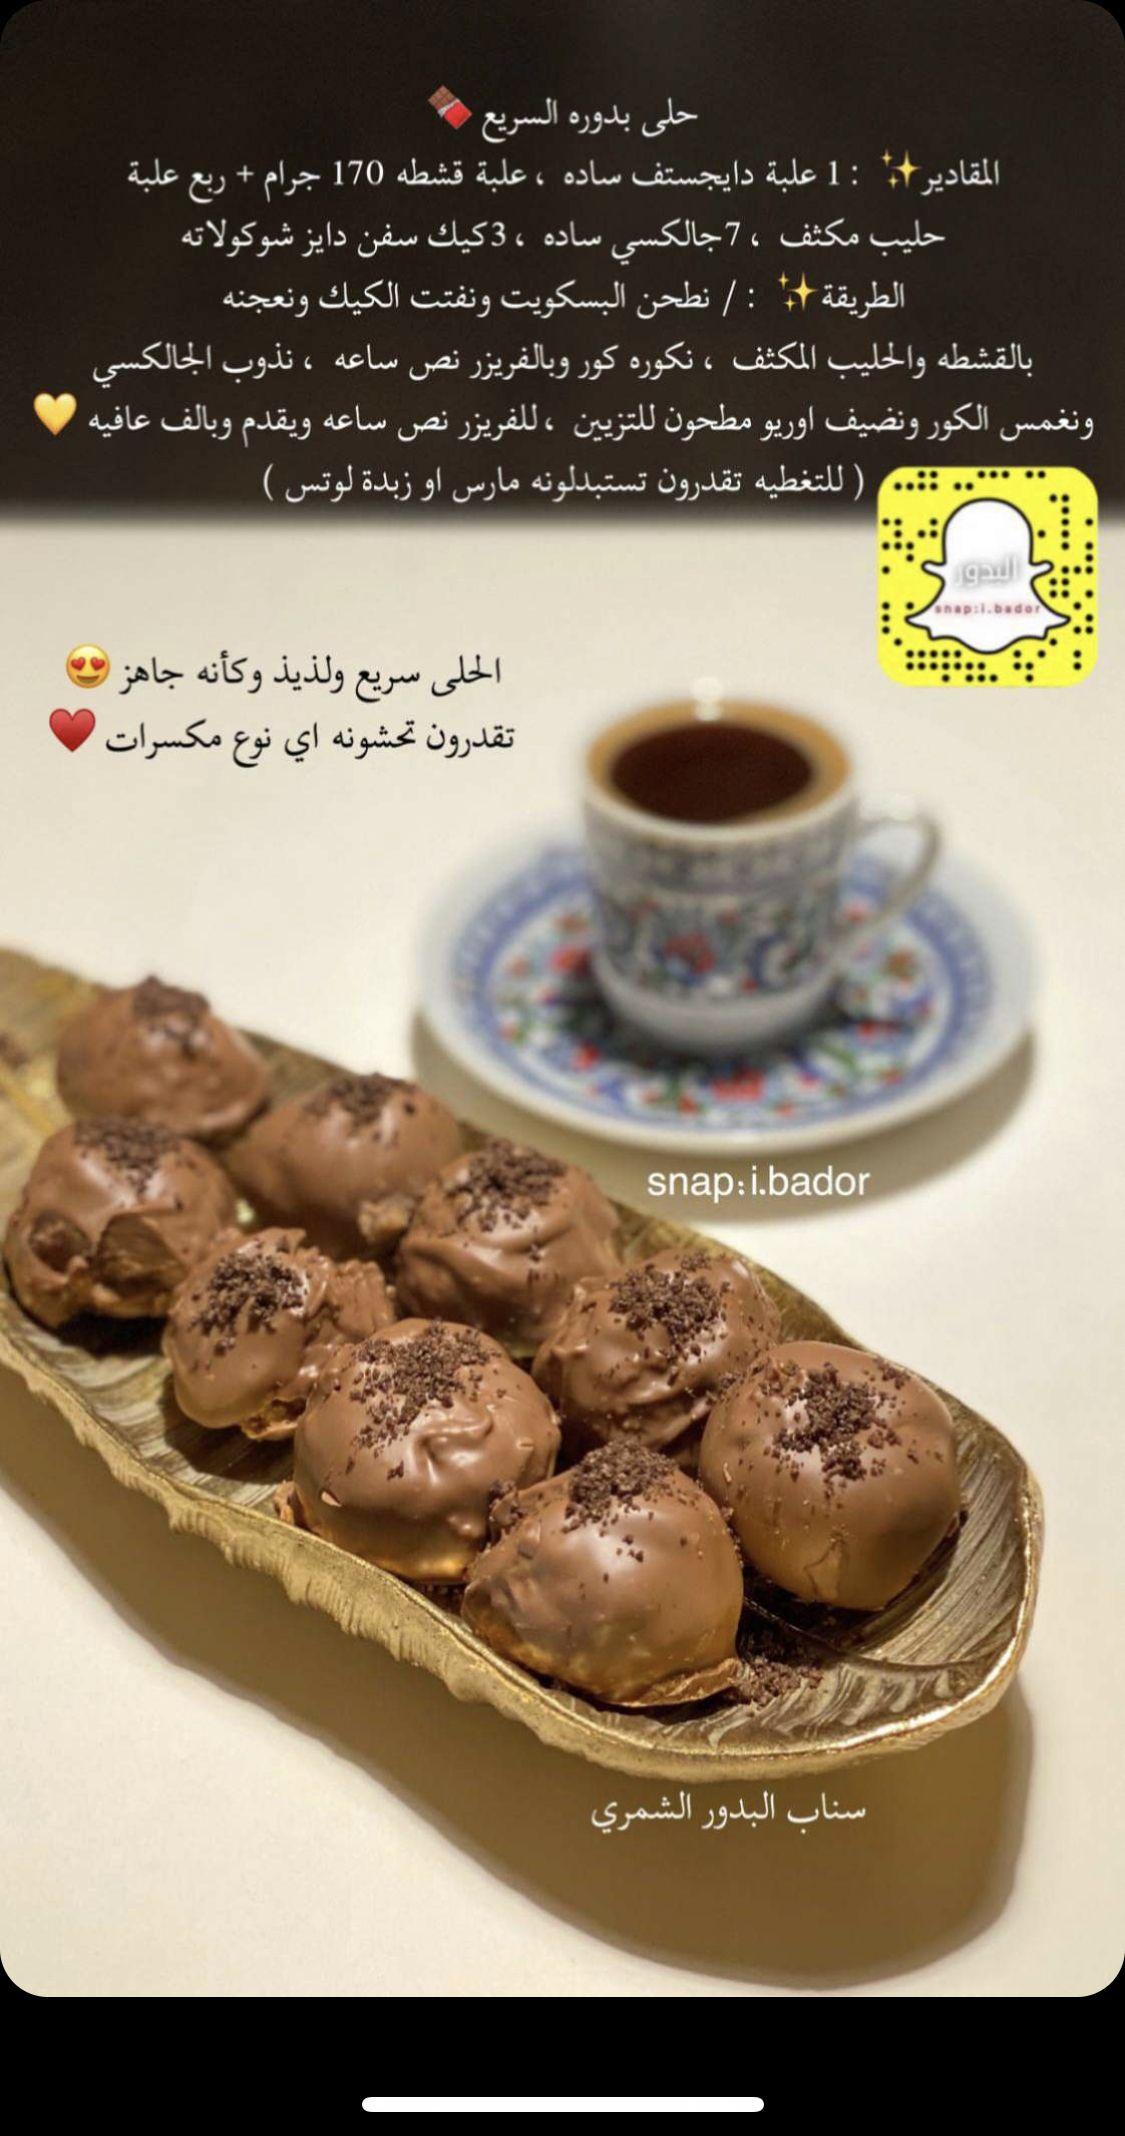 Pin By Tareq Al Hinti On Sweet Food Drinks Dessert Food Videos Desserts Yummy Food Dessert